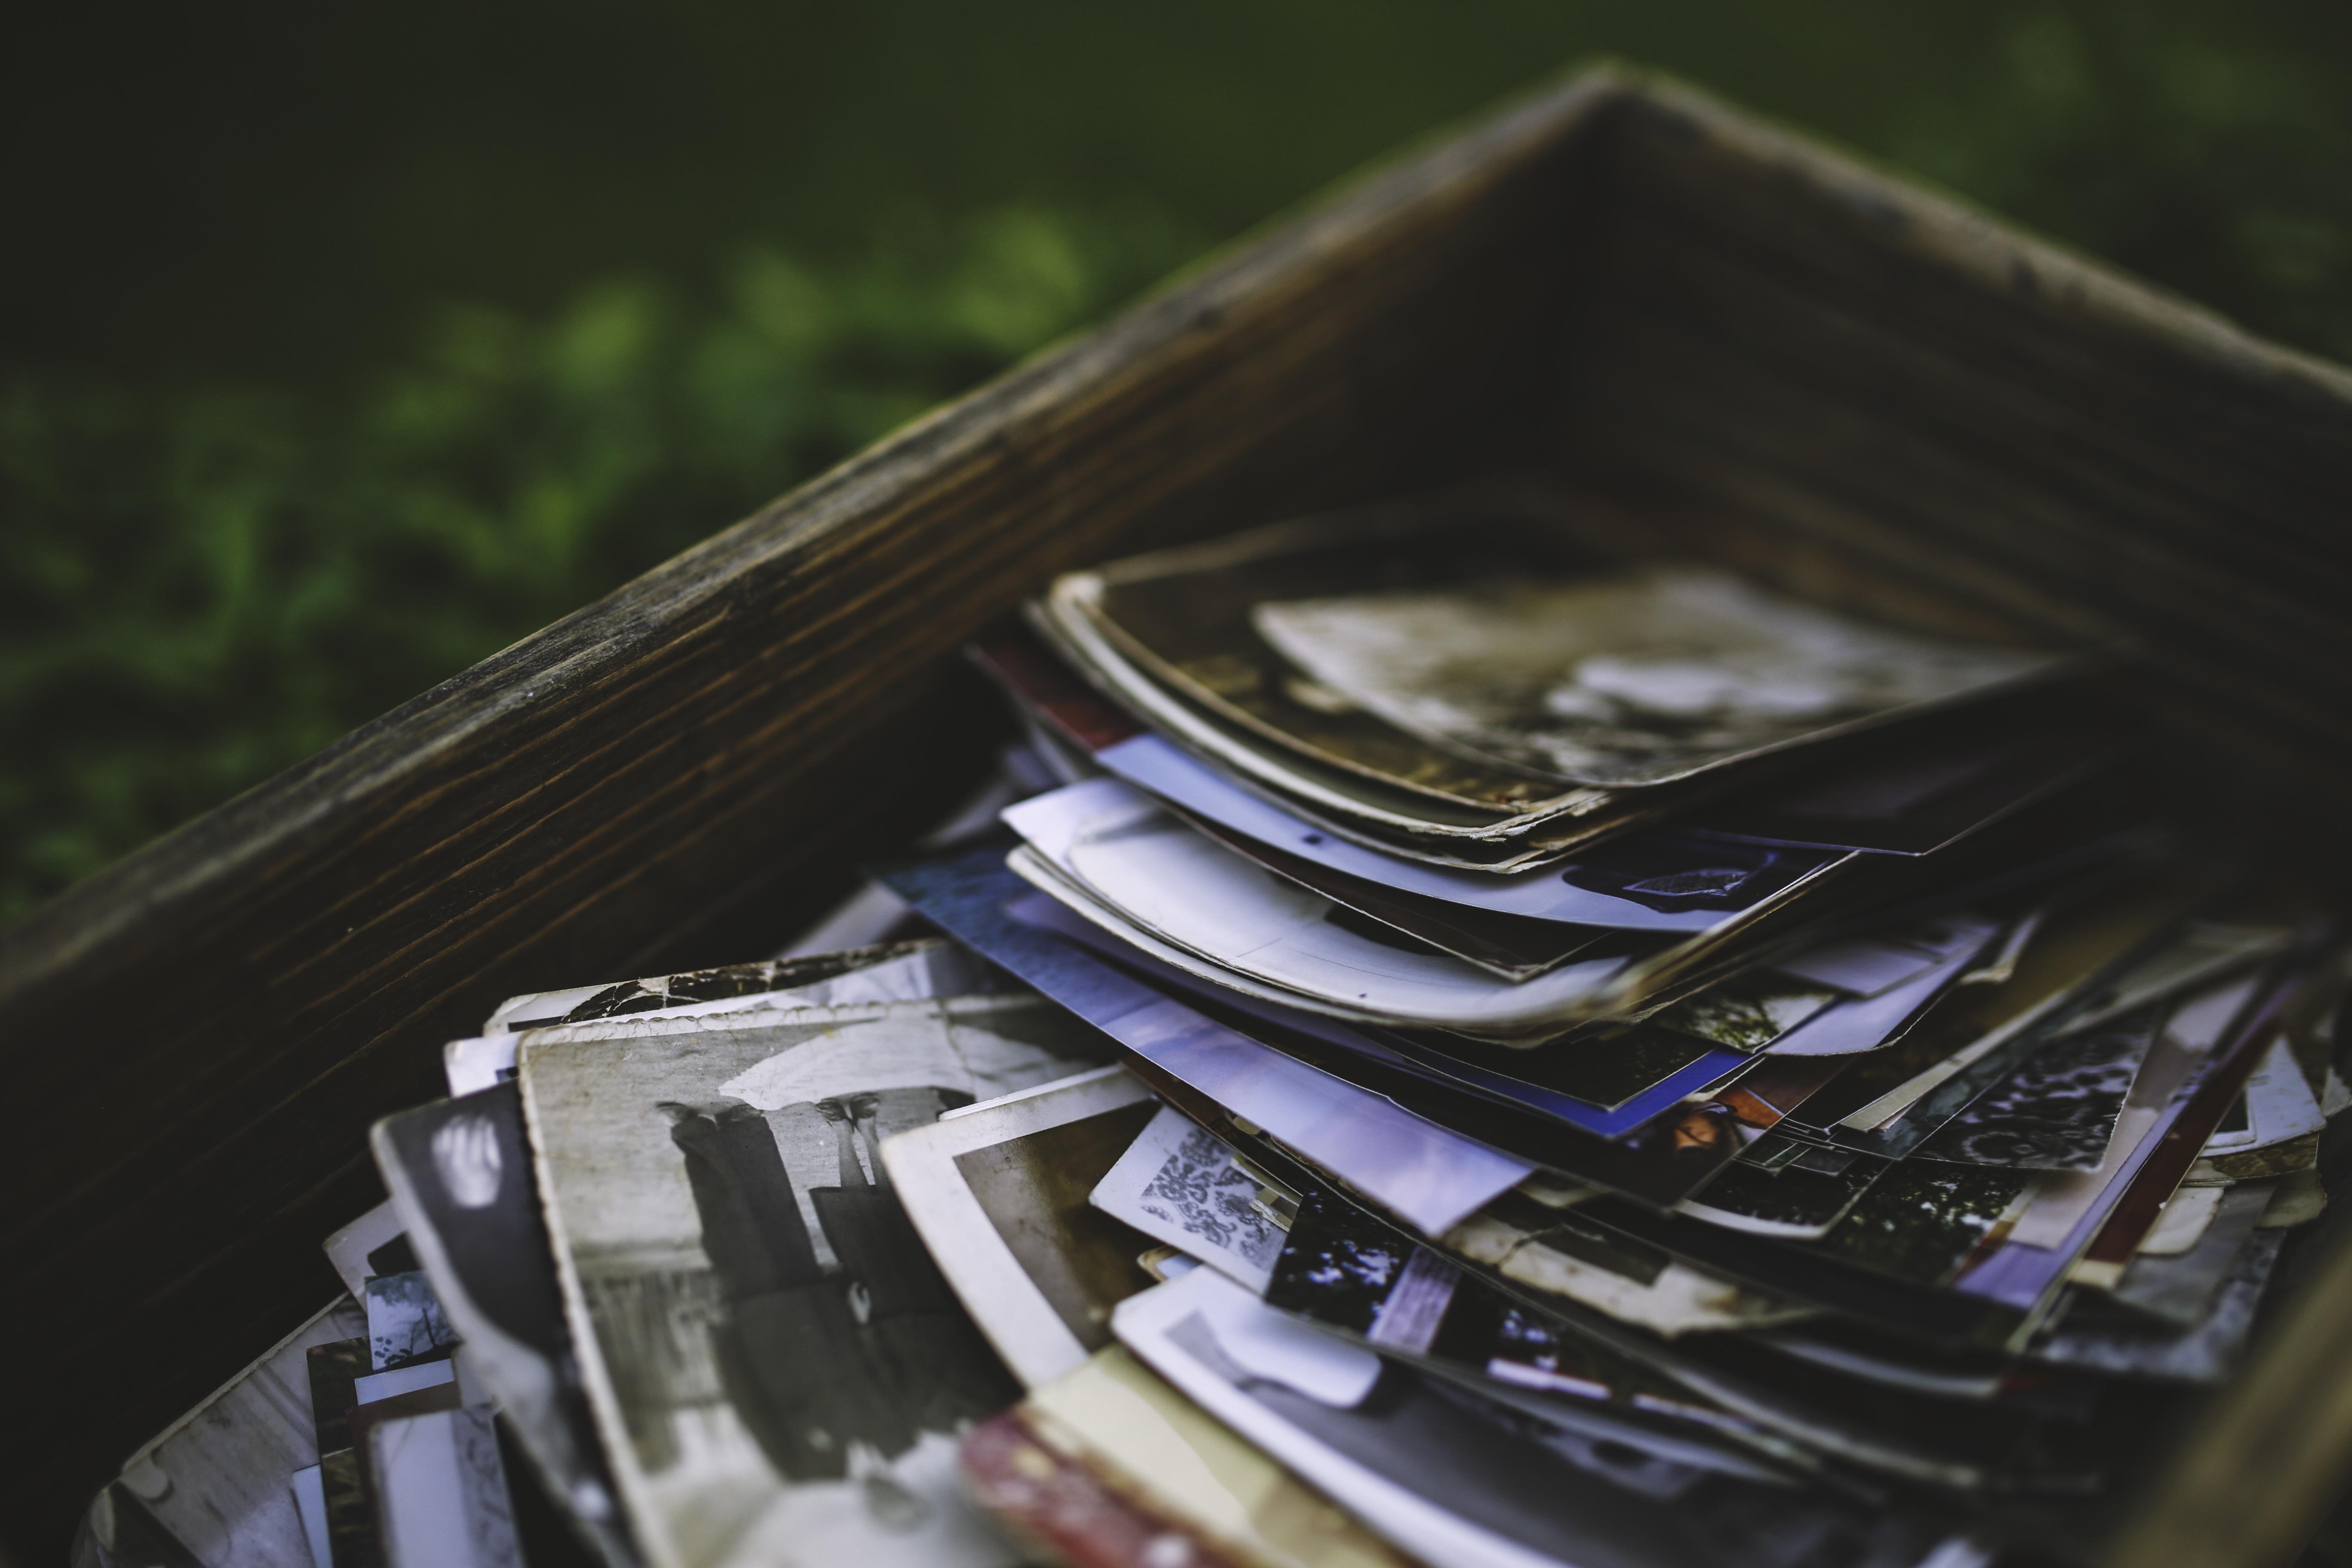 全城征集老物件、老照片!宁波城市展览馆邀您分享老宁波的记忆